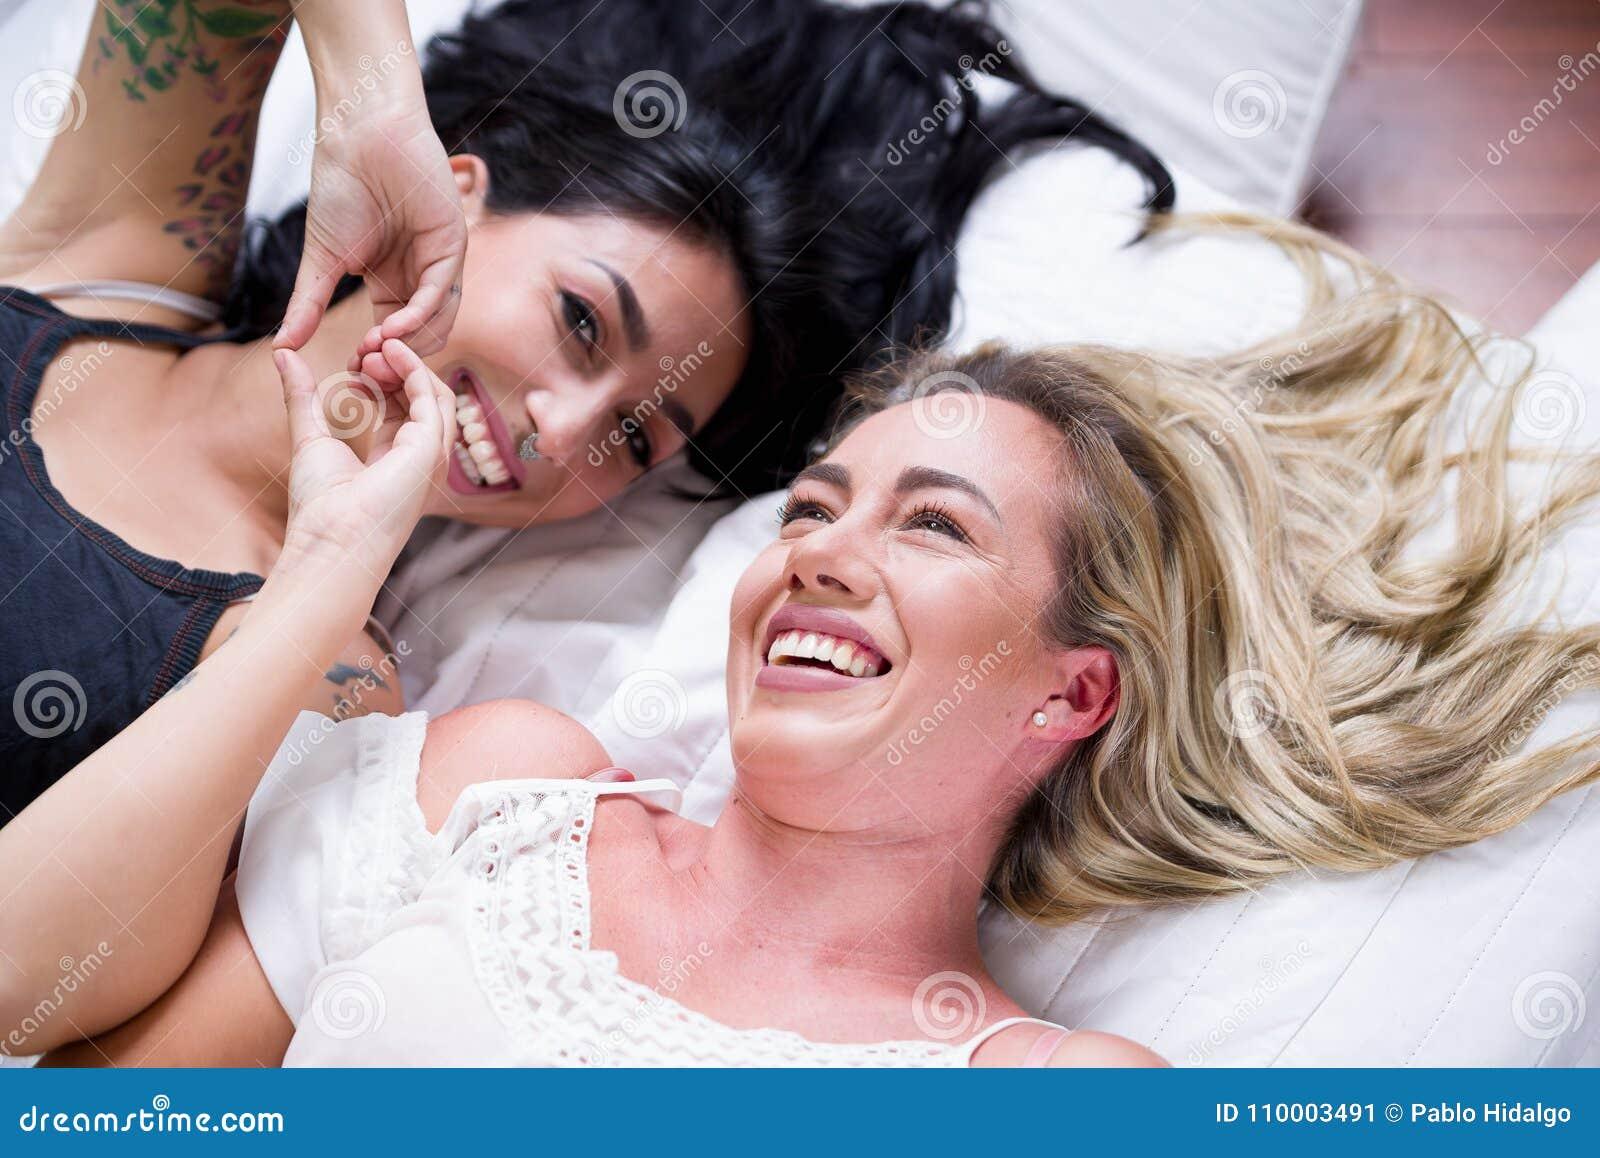 nero lesbiche su letto nero e Freaky